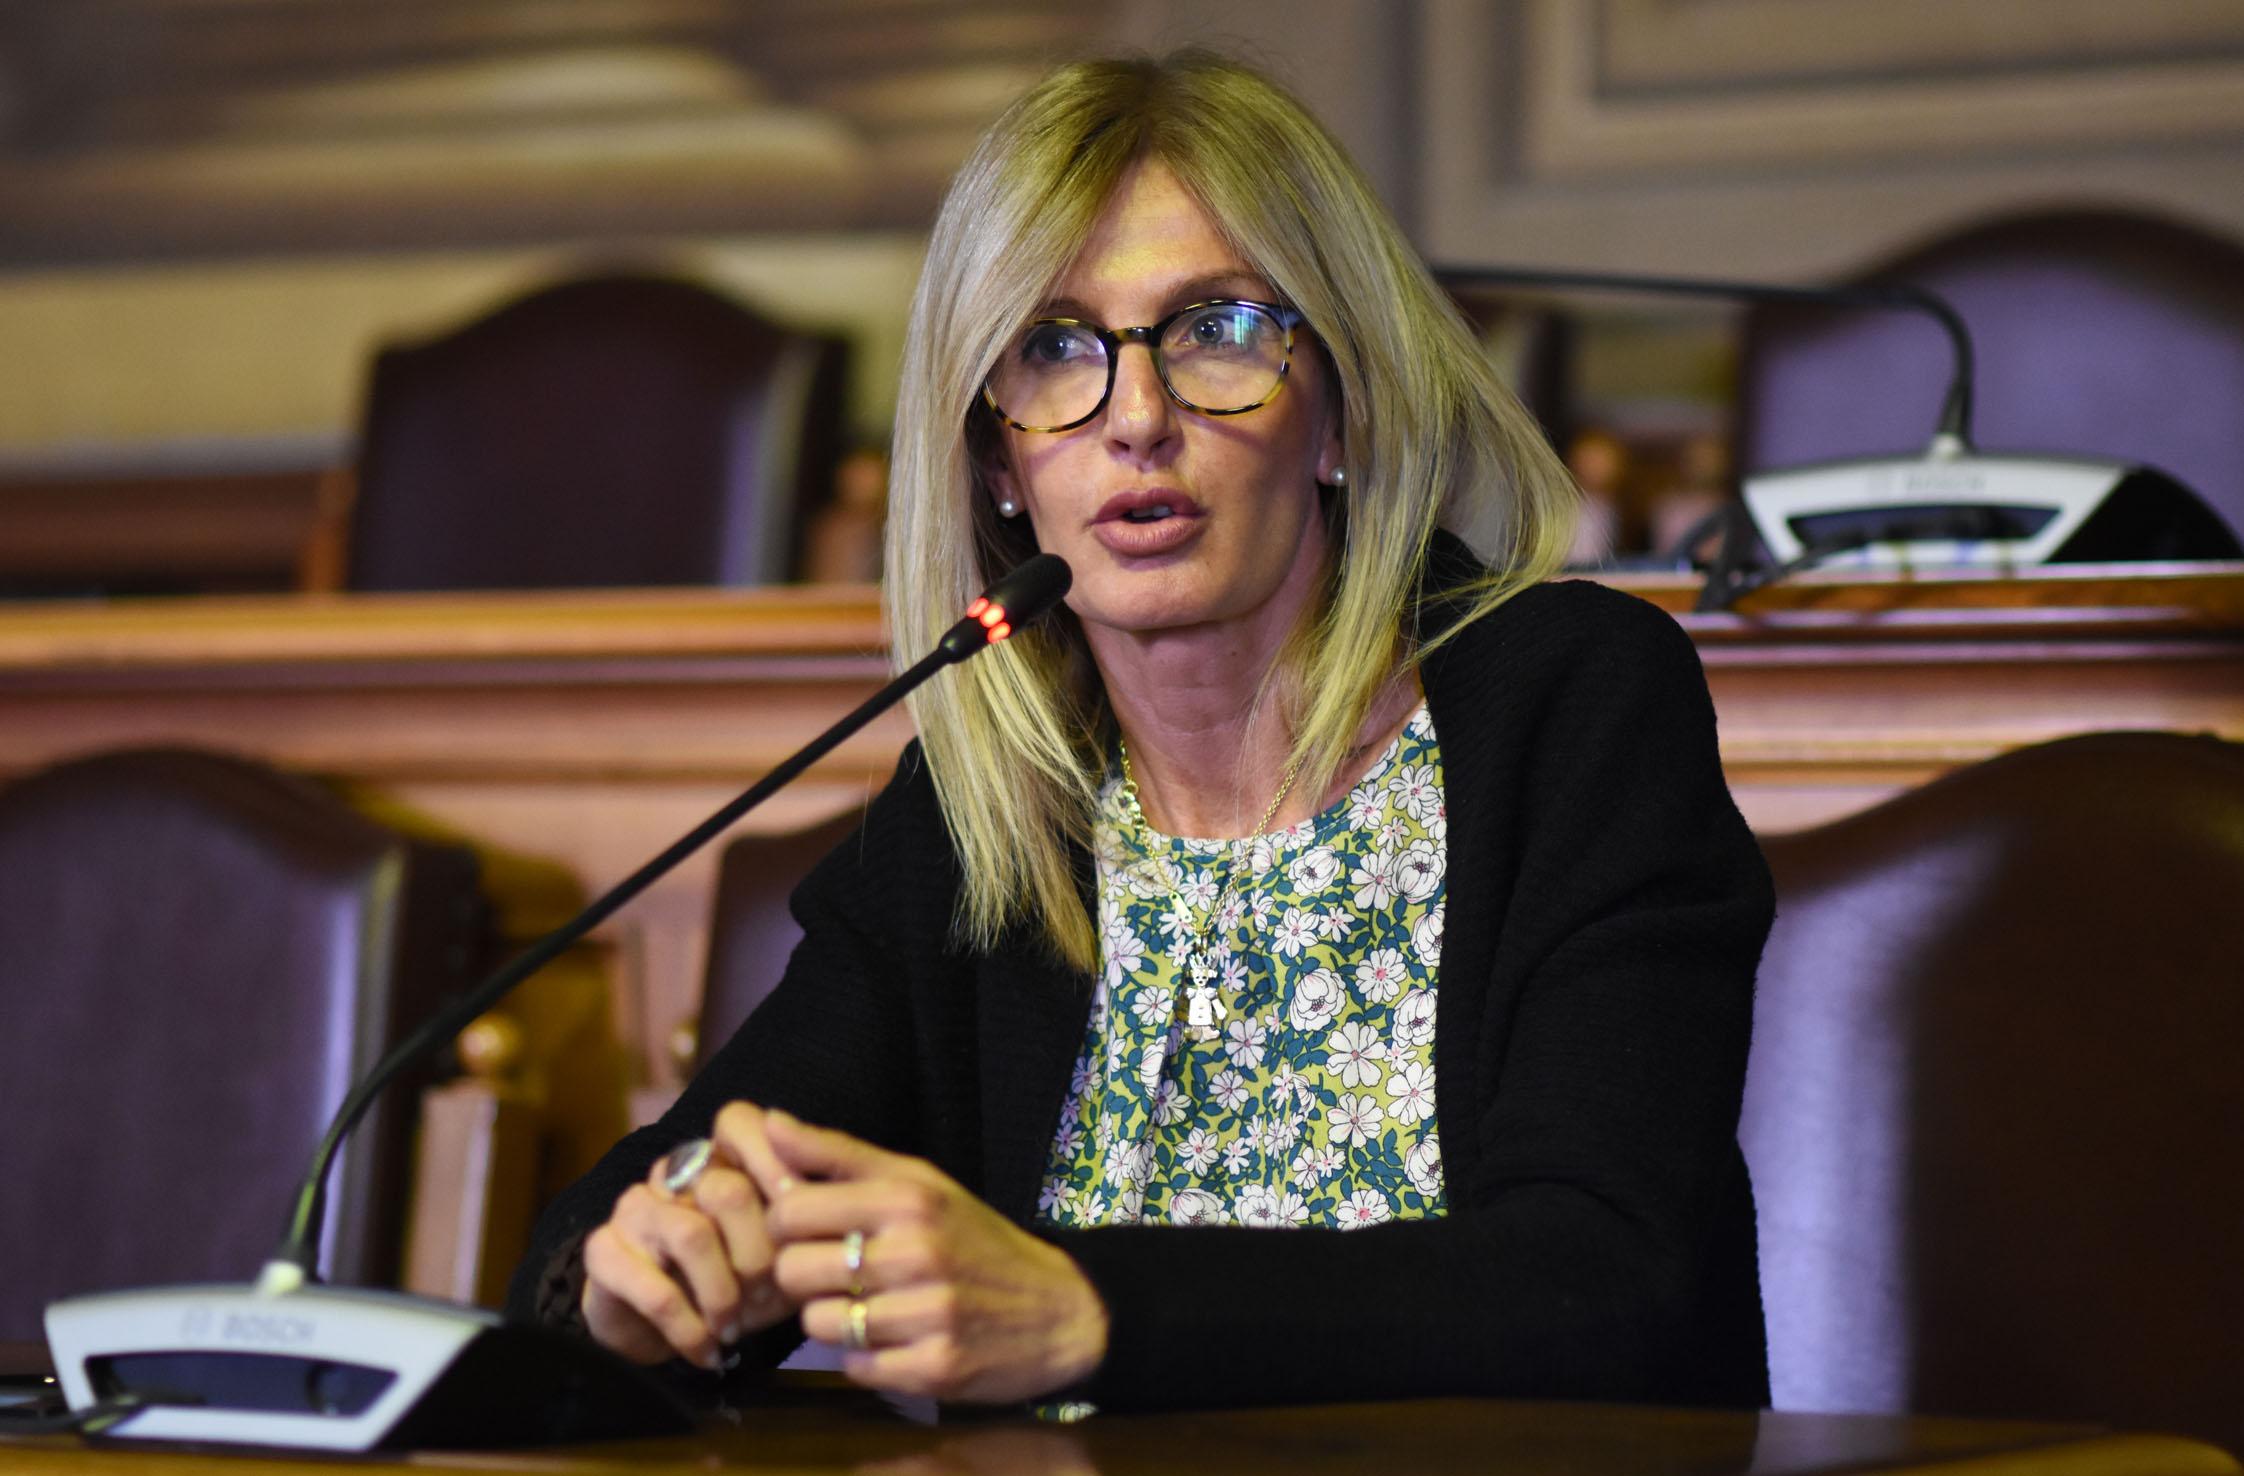 Forlì, scuola e formazione: al via un piano da 1,5 milioni di euro